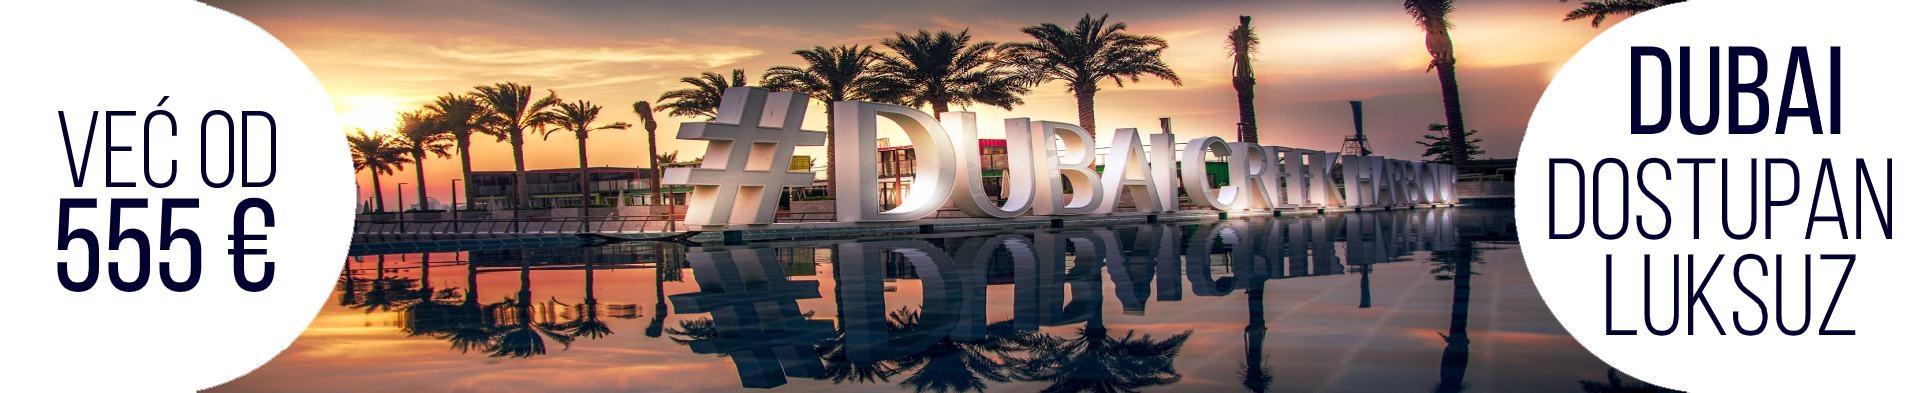 DUBAI PUTOVANJE